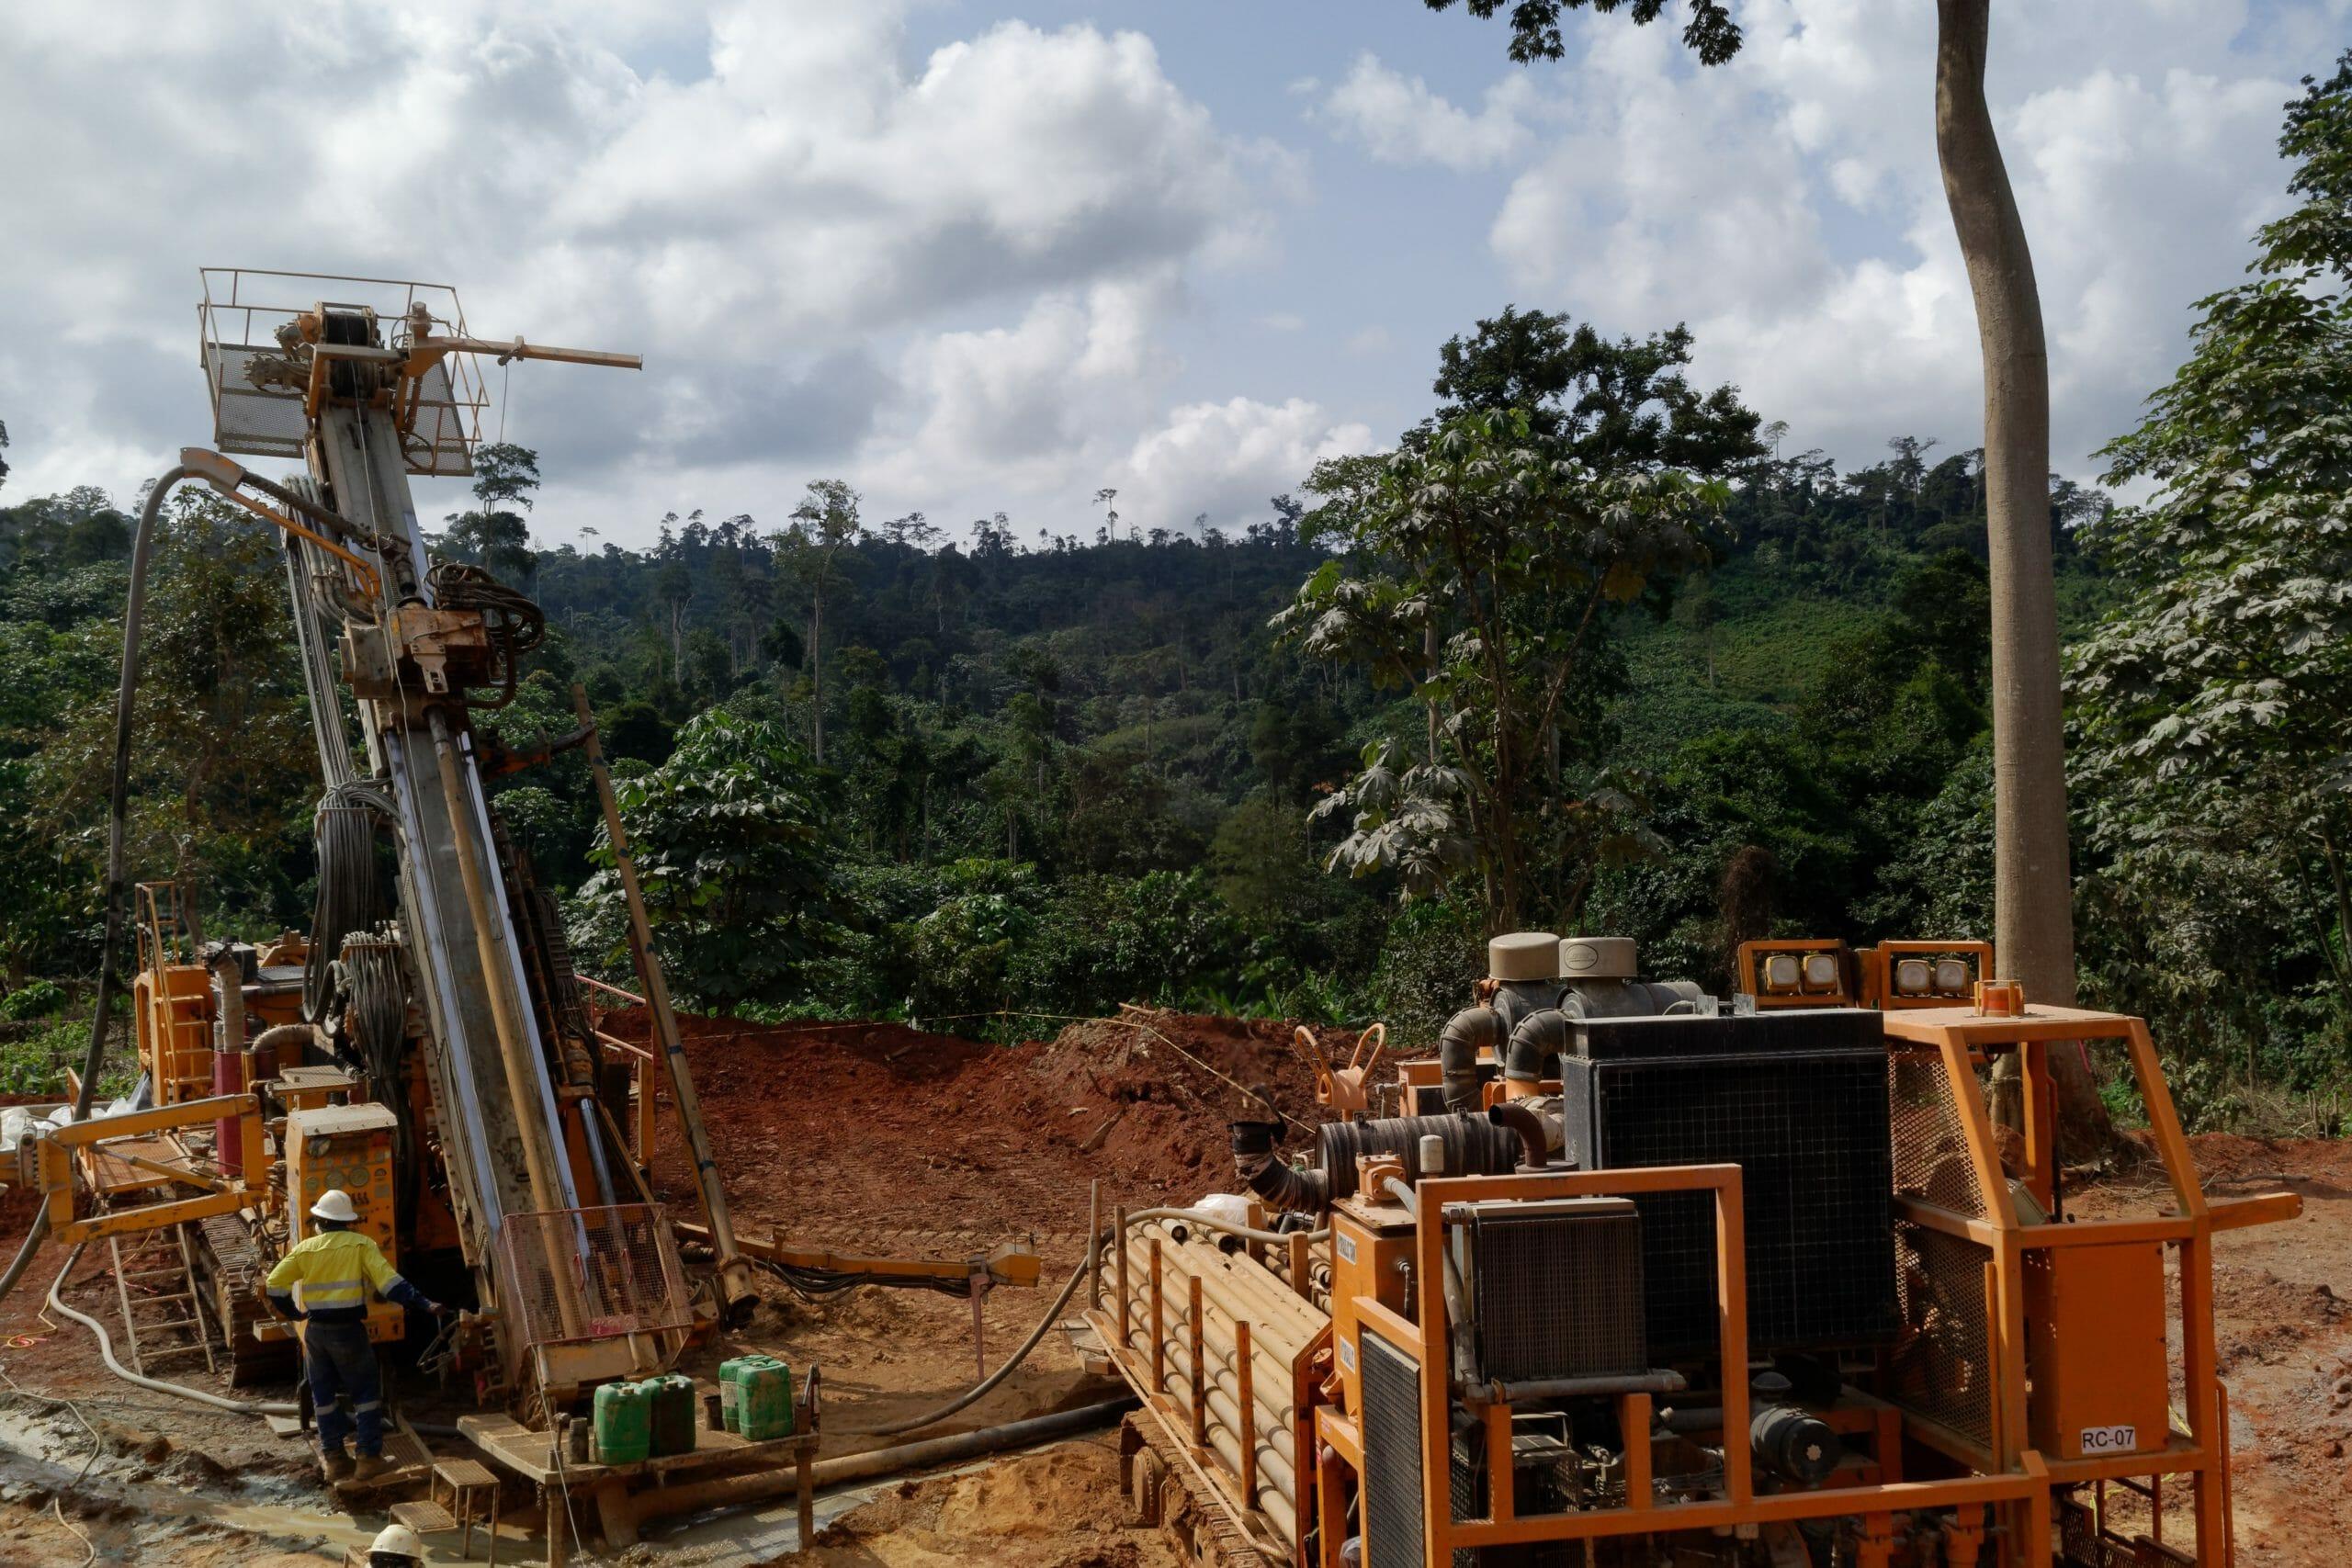 Guldgravning forgifter mennesker, dyr og økosystemer verden over